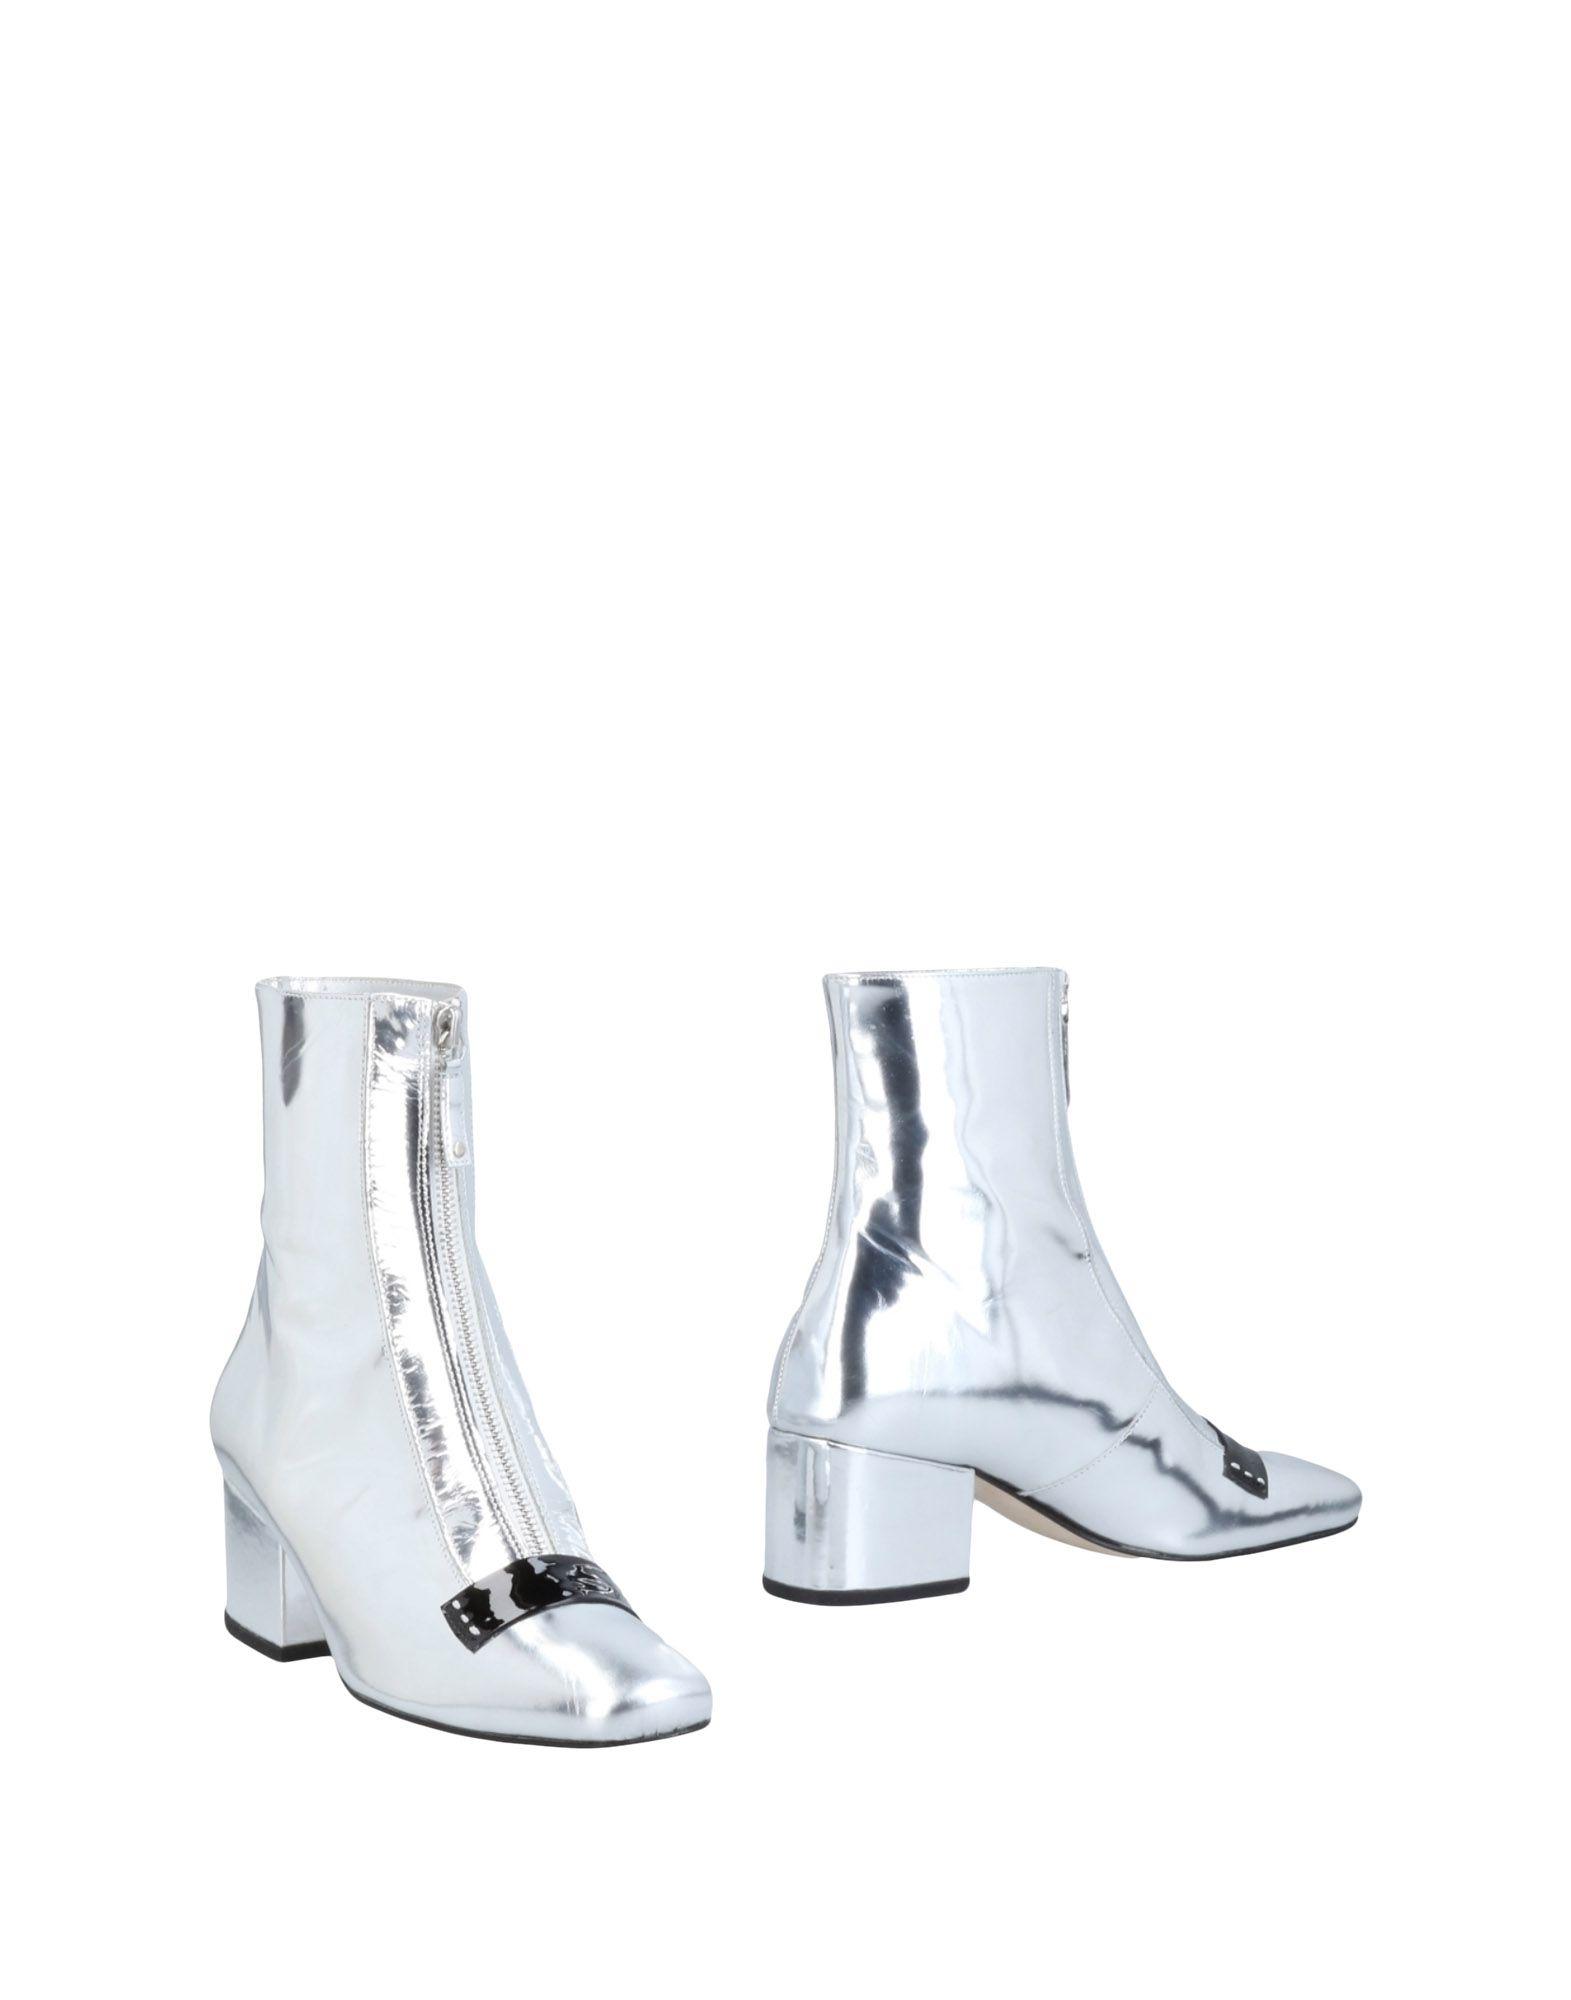 Dorateymur Stiefelette Damen  strapazierfähige 11461811UDGut aussehende strapazierfähige  Schuhe 18699c